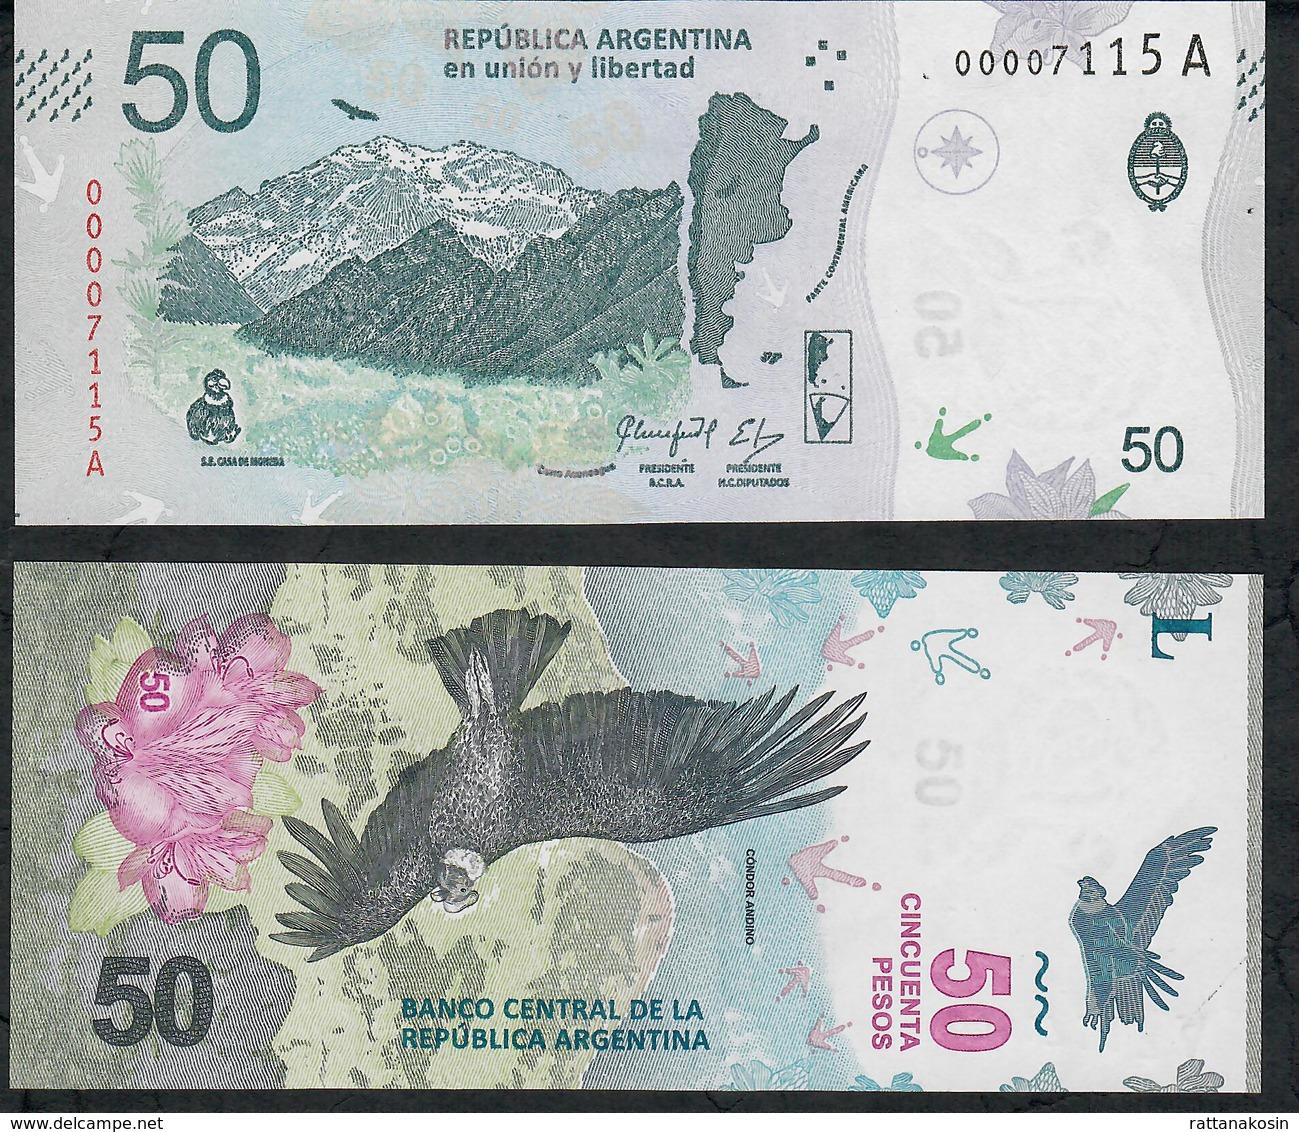 ARGENTINA Low # 00007115A P363 50 Pesos 2018 Serie A  UNC - Argentine